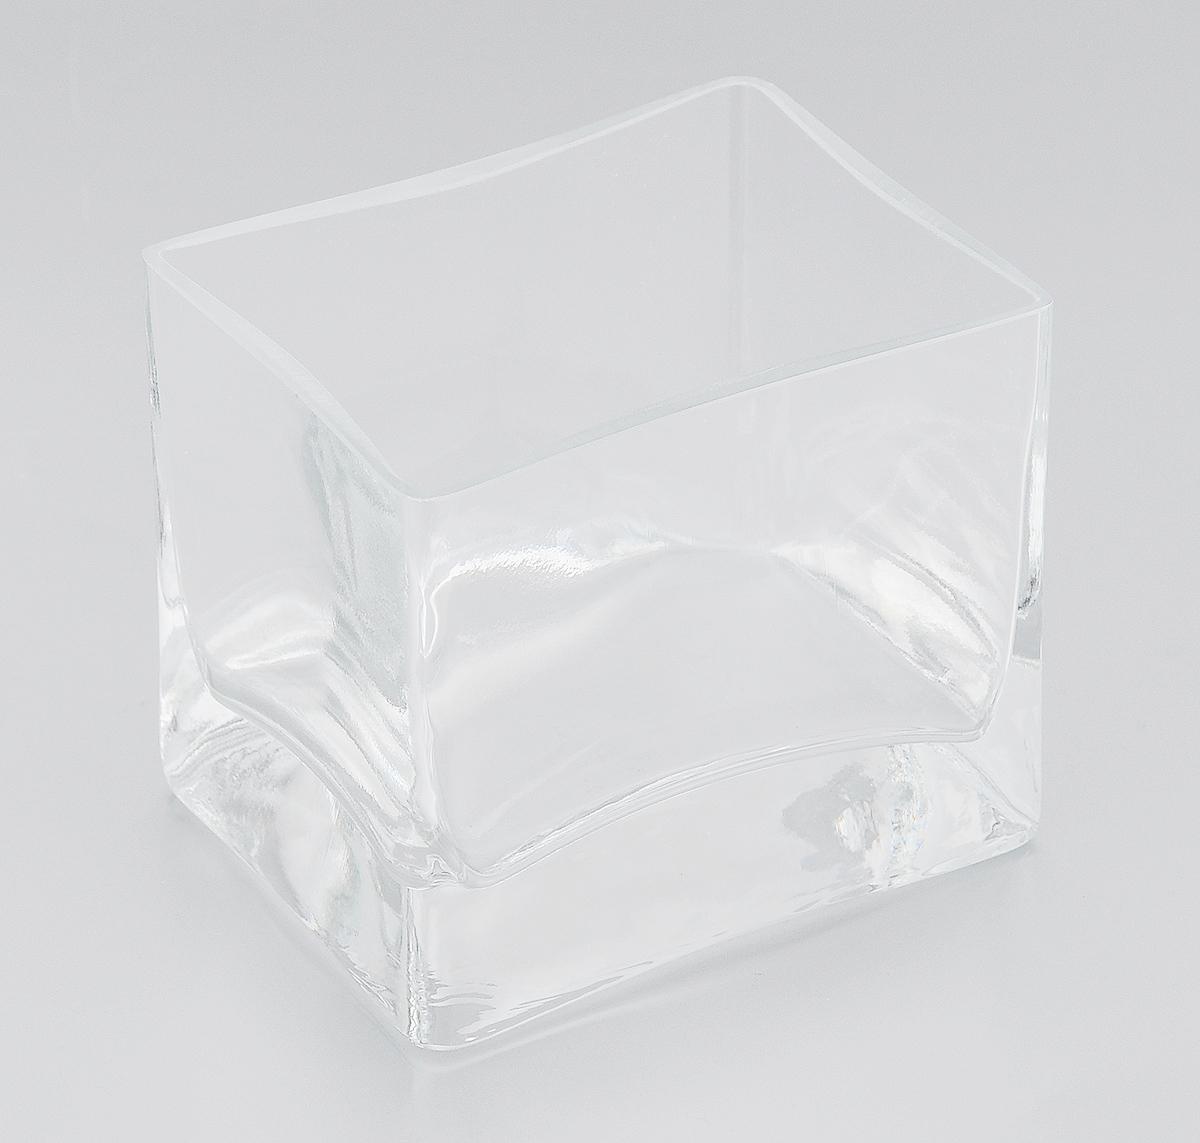 Ваза Pasabahce Botanica, высота 8,5 см43072BЭлегантная ваза Pasabahce Botanica выполнена из высококачественного натрий-кальций-силикатного стекла.Изделие придется по вкусу и ценителям классики, и тем, кто предпочитает утонченность и изящность. Вы можете поставить вазу в любом месте, где она будет удачно смотреться и радовать глаз. Такая ваза подойдет для декора интерьера. Кроме того - это отличный вариант подарка для ваших близких и друзей. Можно мыть в посудомоечной машине.Высота вазы: 8,5 см.Размер вазы (по верхнему краю): 9,5 х 7,5 см.